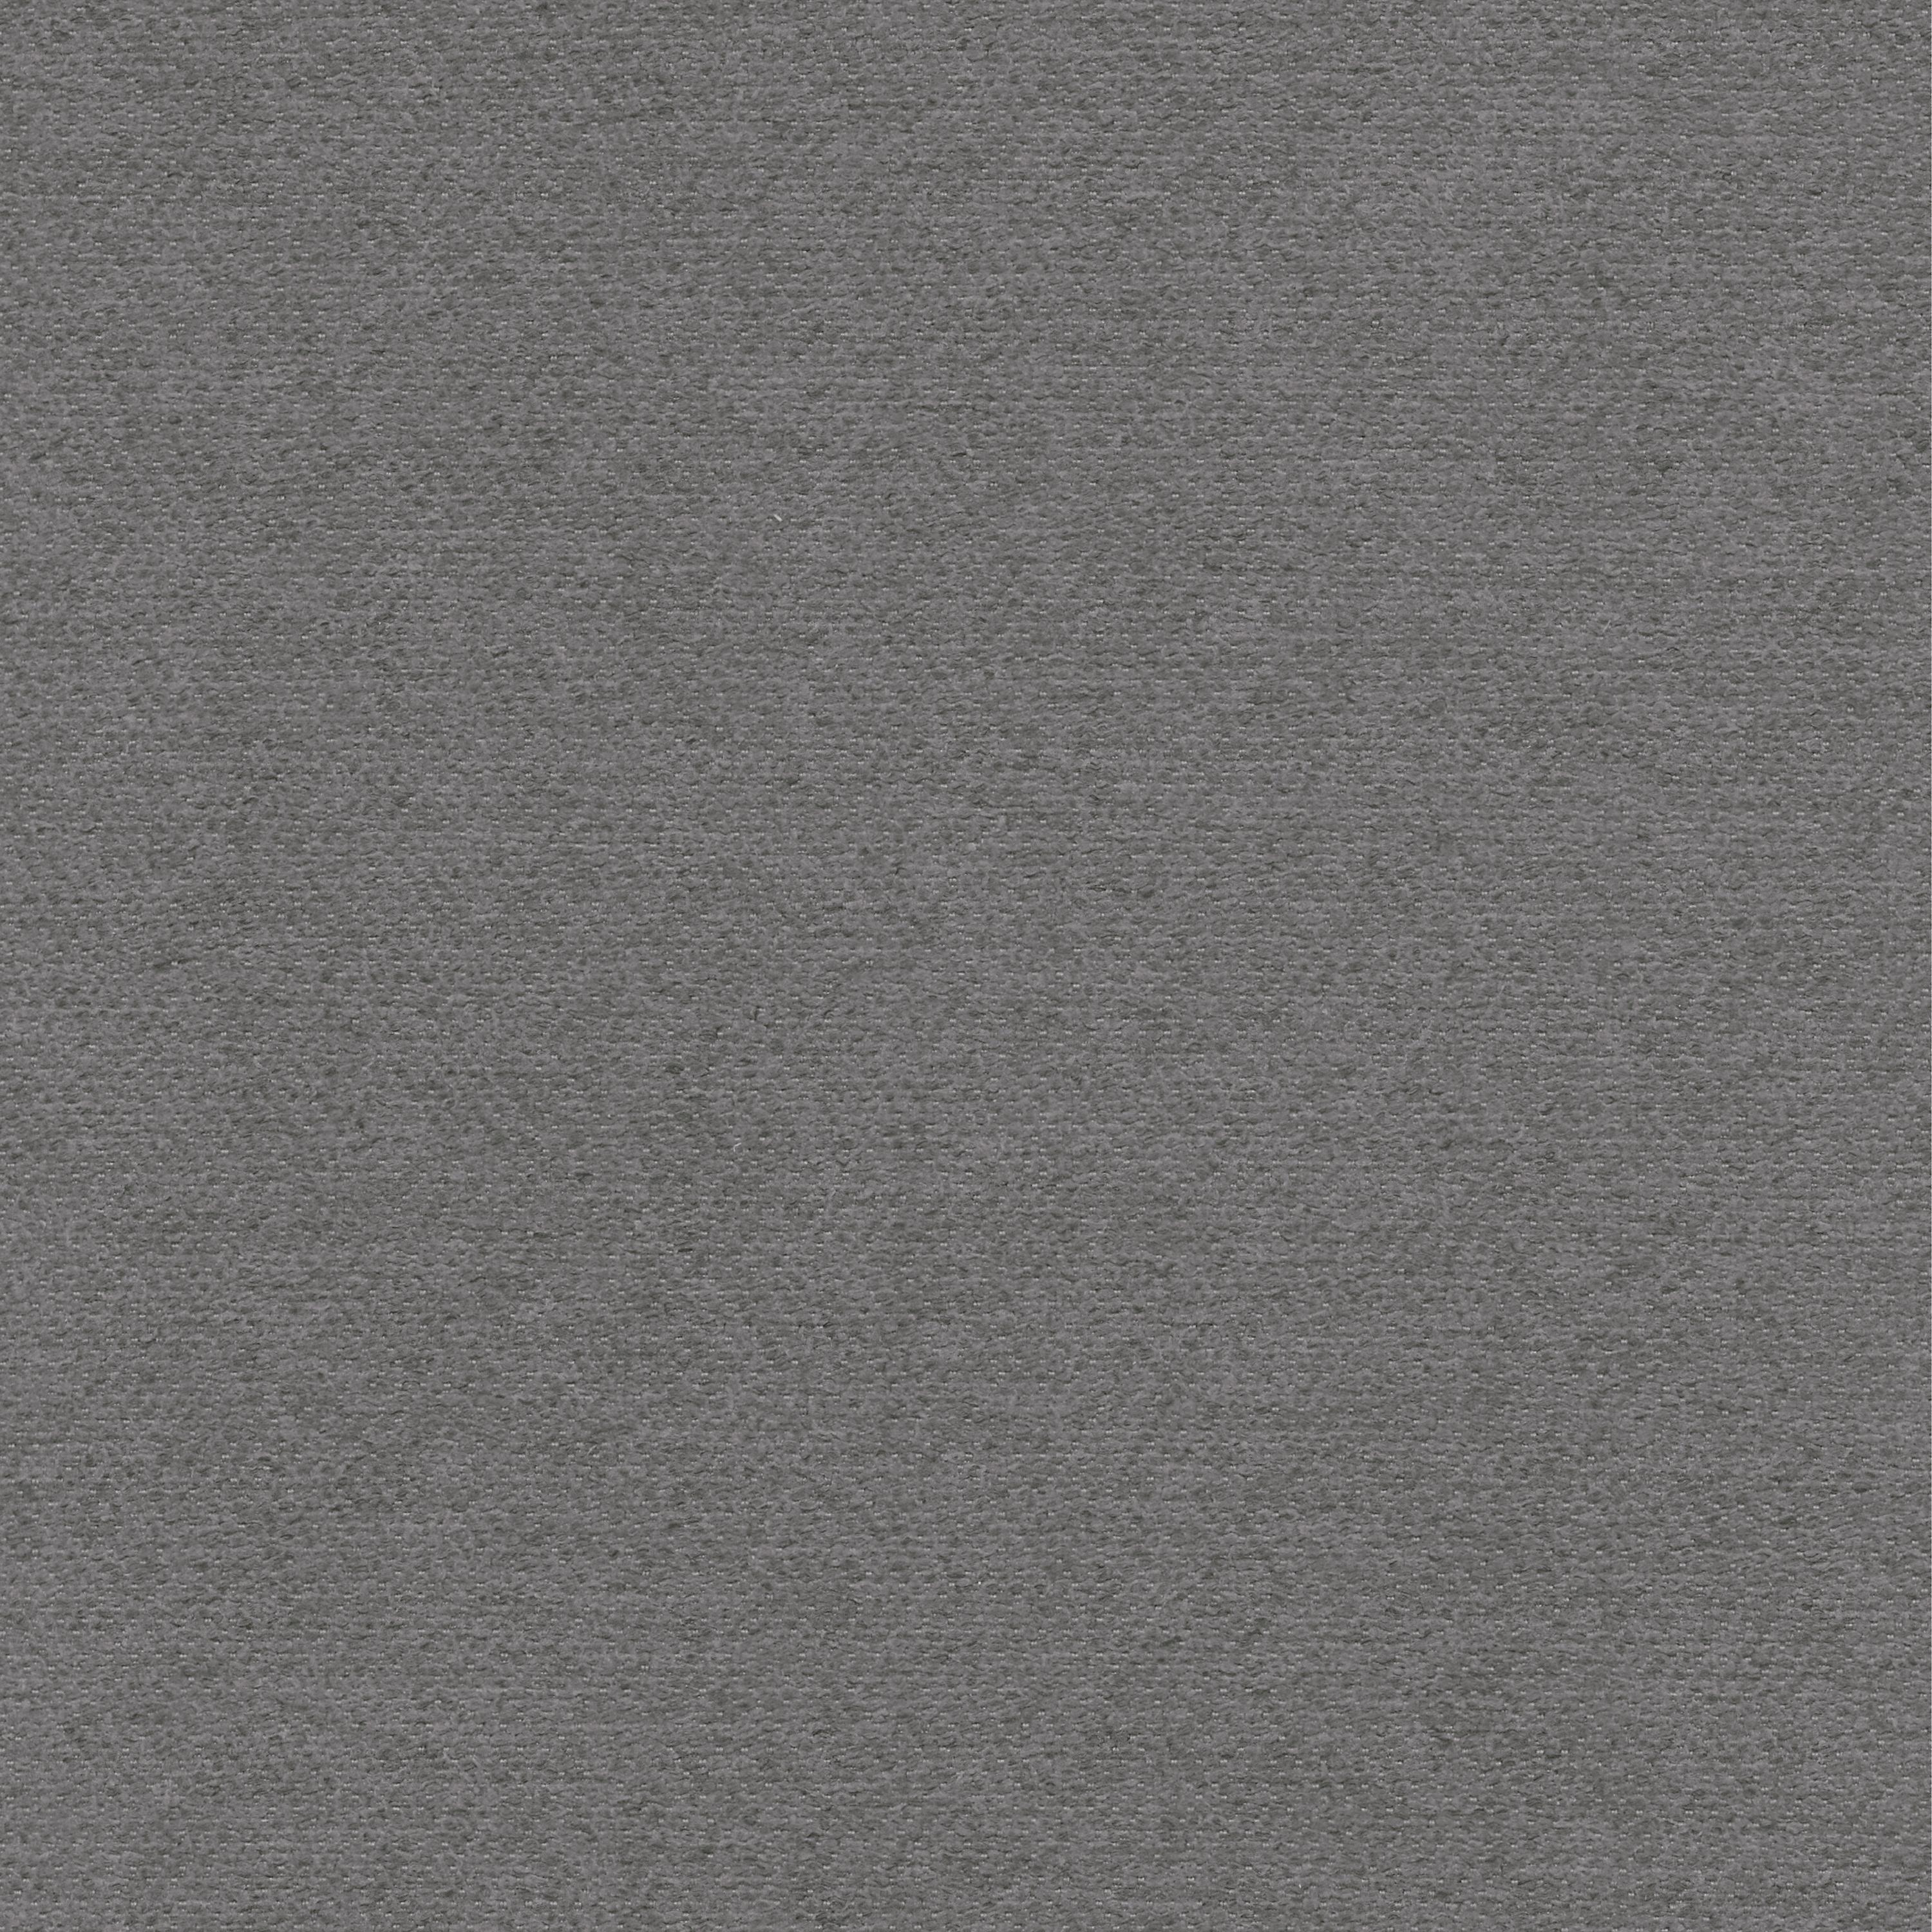 French Gray Herringbone Fabric